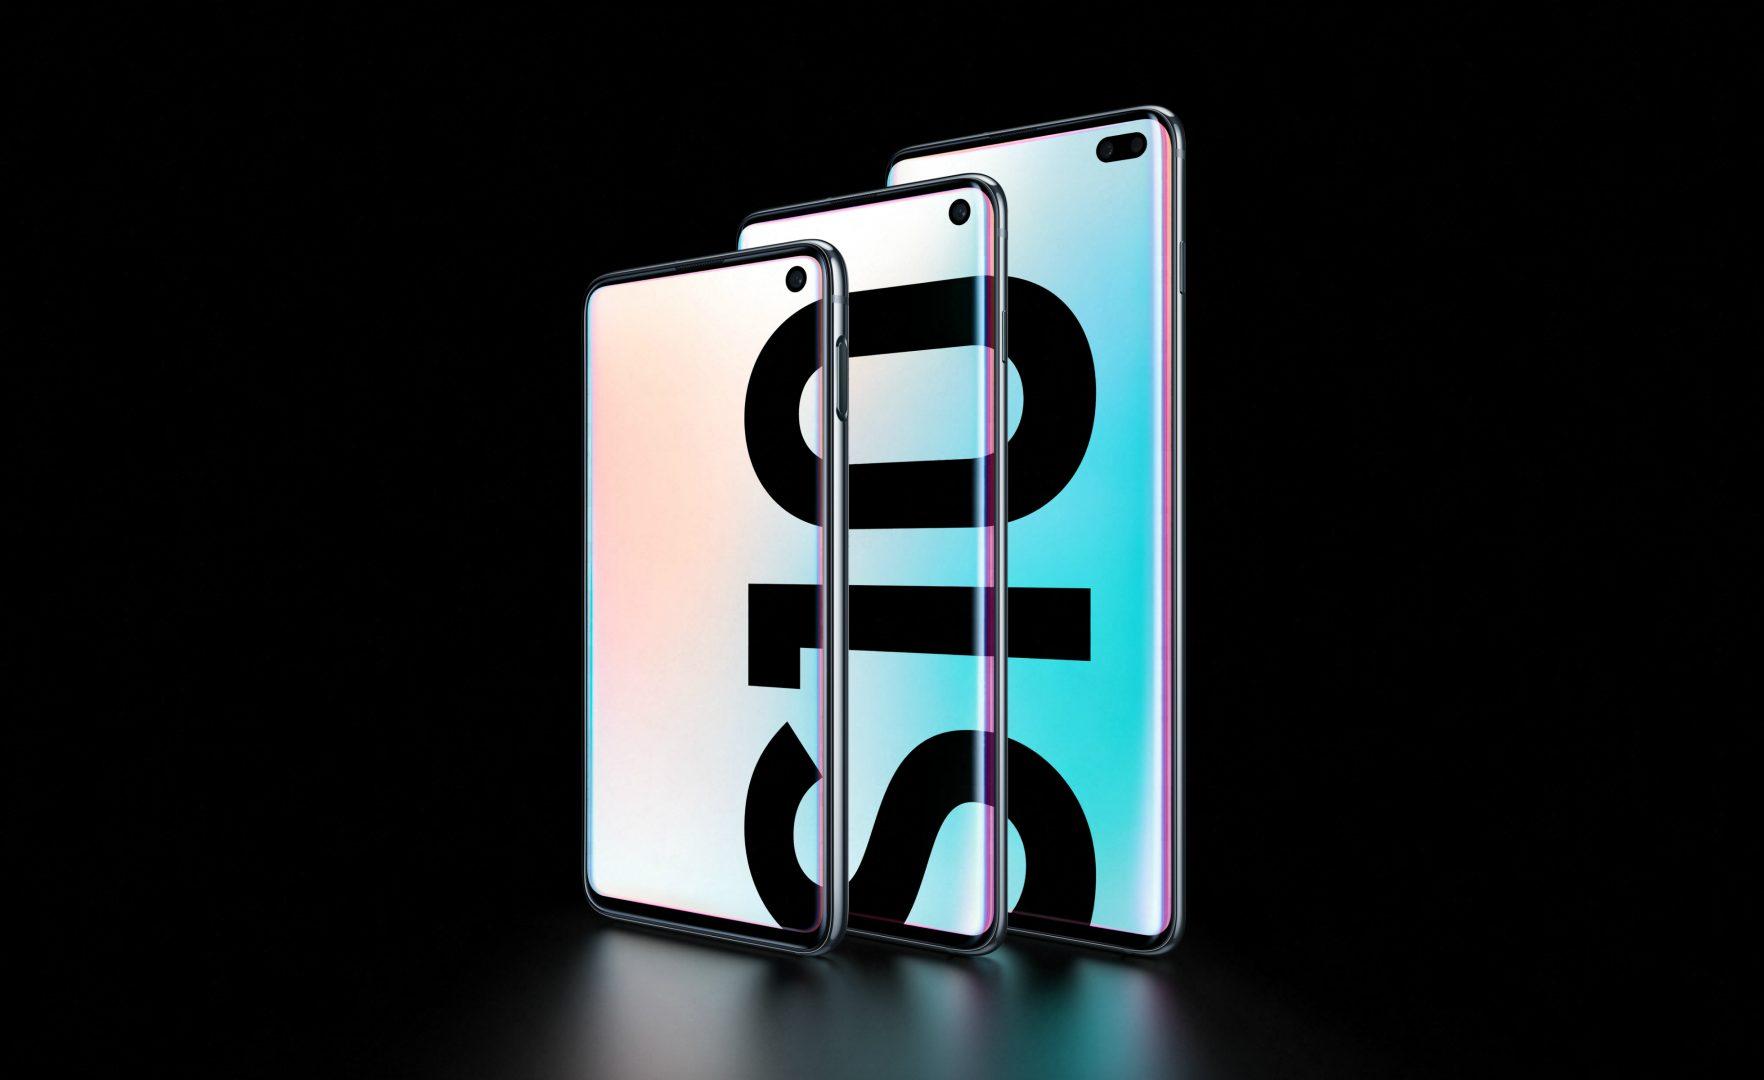 Samsung традиционно кръщава събитията си Unpacked (разопаковане), но тази година може би щеше да е по-подходящо да e Unfolding (разгъване/отваряне), защото компанията най-сетне показа новия си сгъваем смартфон Galaxy Fold. Дебют направи и юбилейното десето поколение на Galaxy S10.